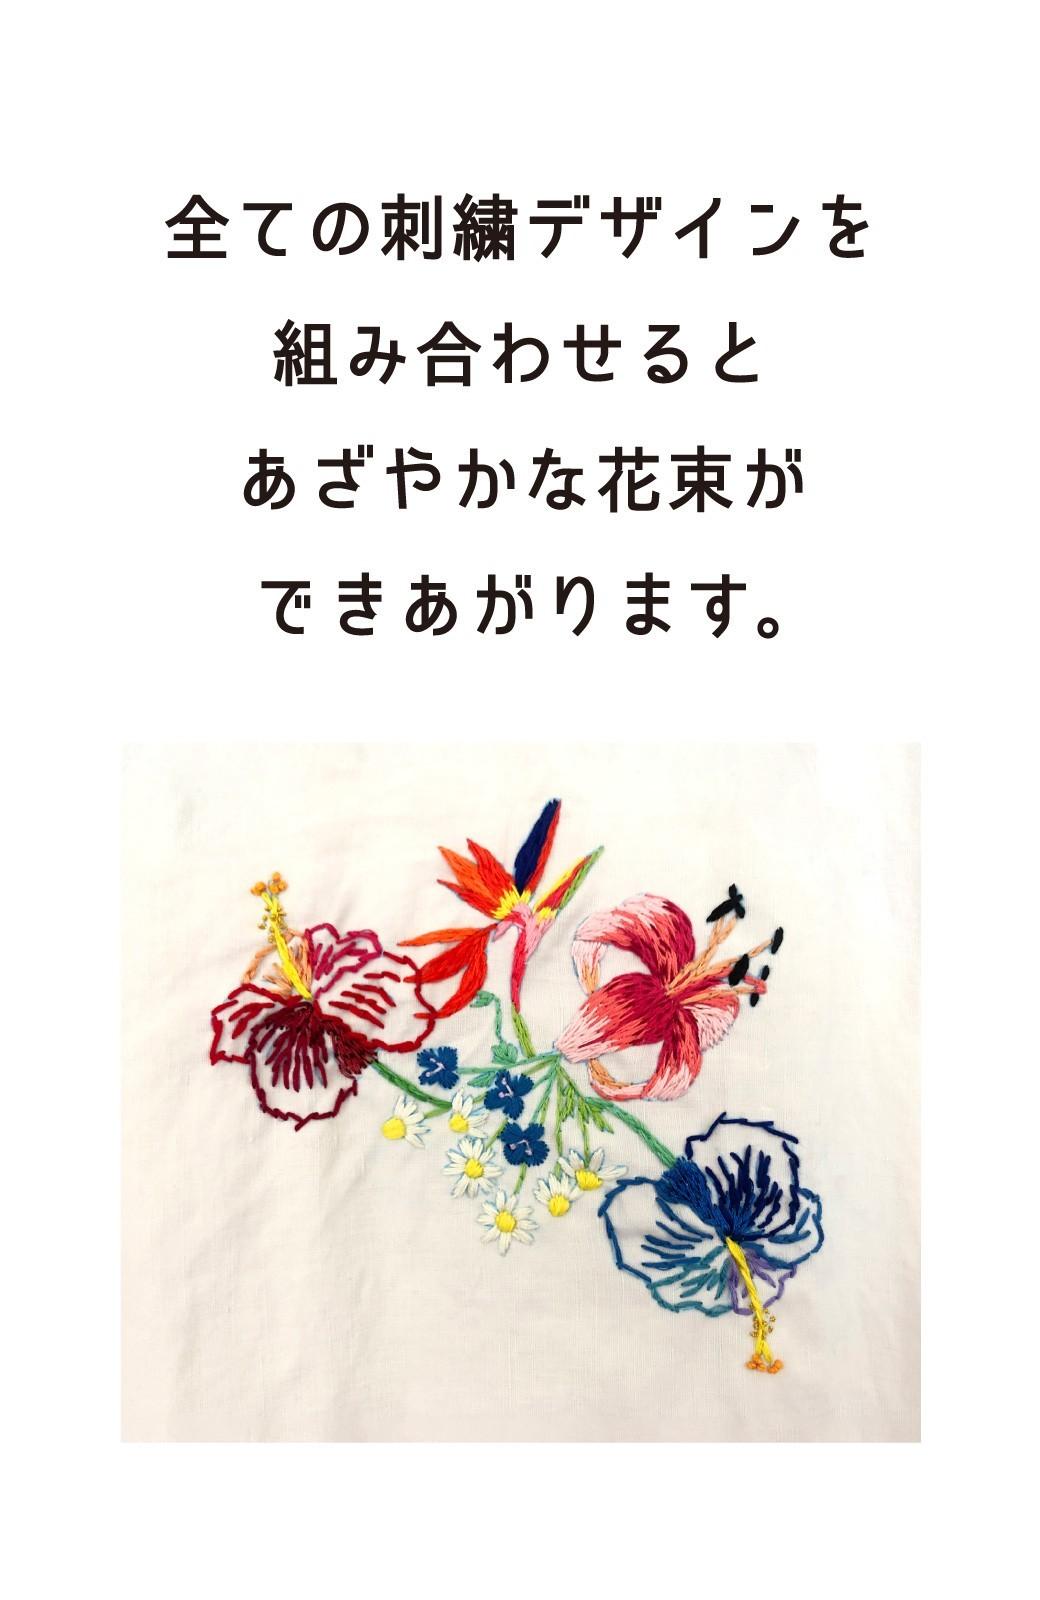 haco! haco! [haco! POST] 刺繍アーティスト二宮佐和子さんとみんなでワイワイ刺繍!zoom縫いワークショップ参加チケット 6/28・7/1開催<eros> <その他>の商品写真9